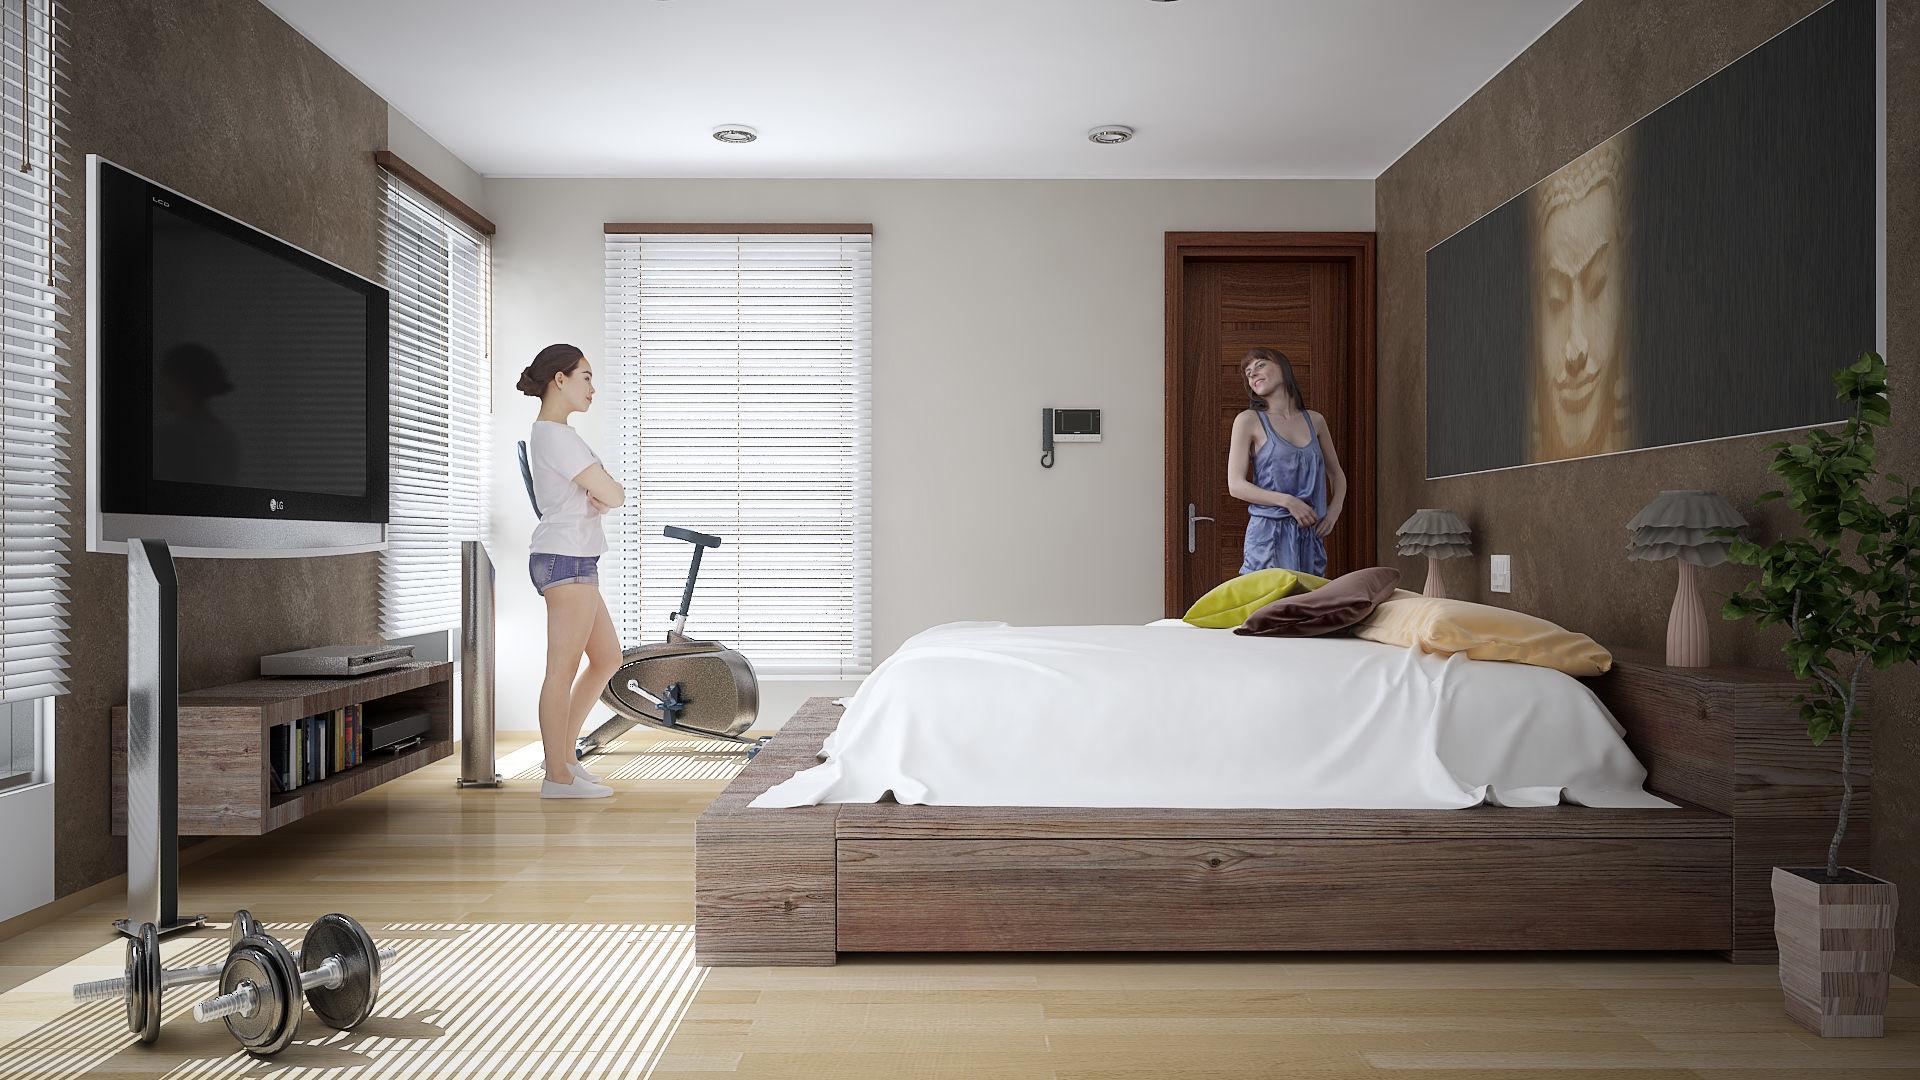 Dorm-2-3500-3500